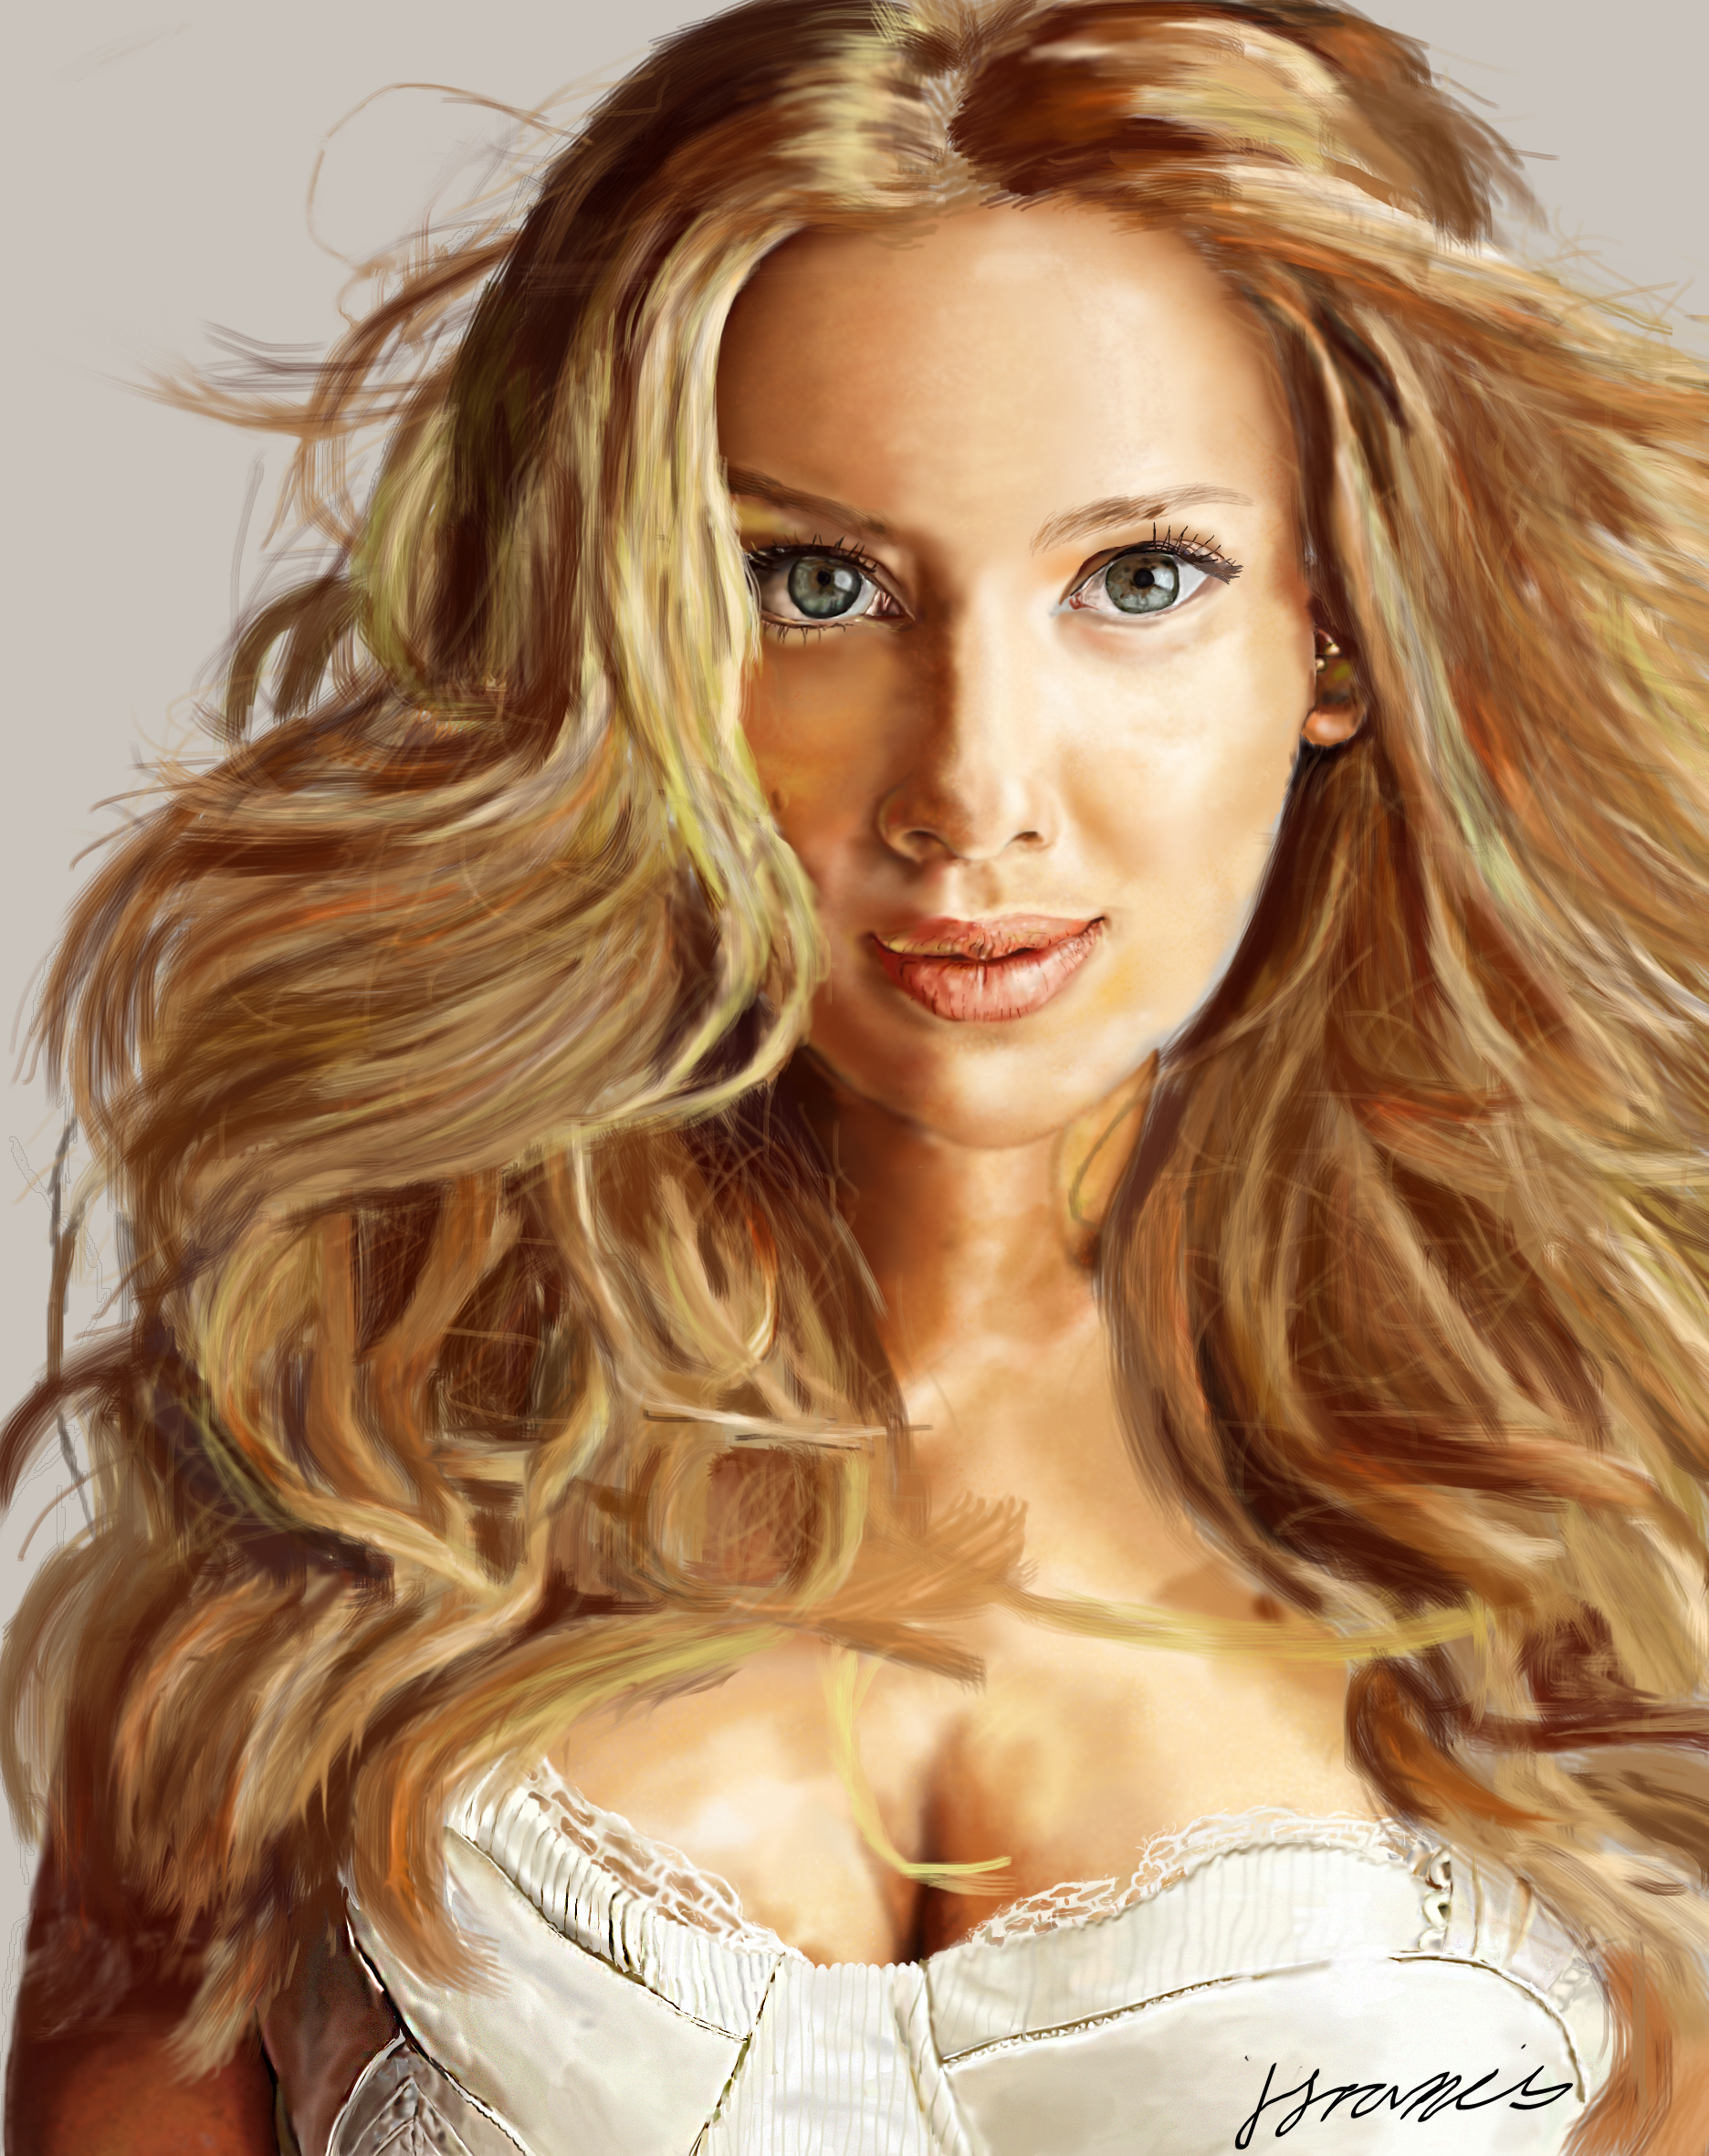 Scarlett Johason digital art